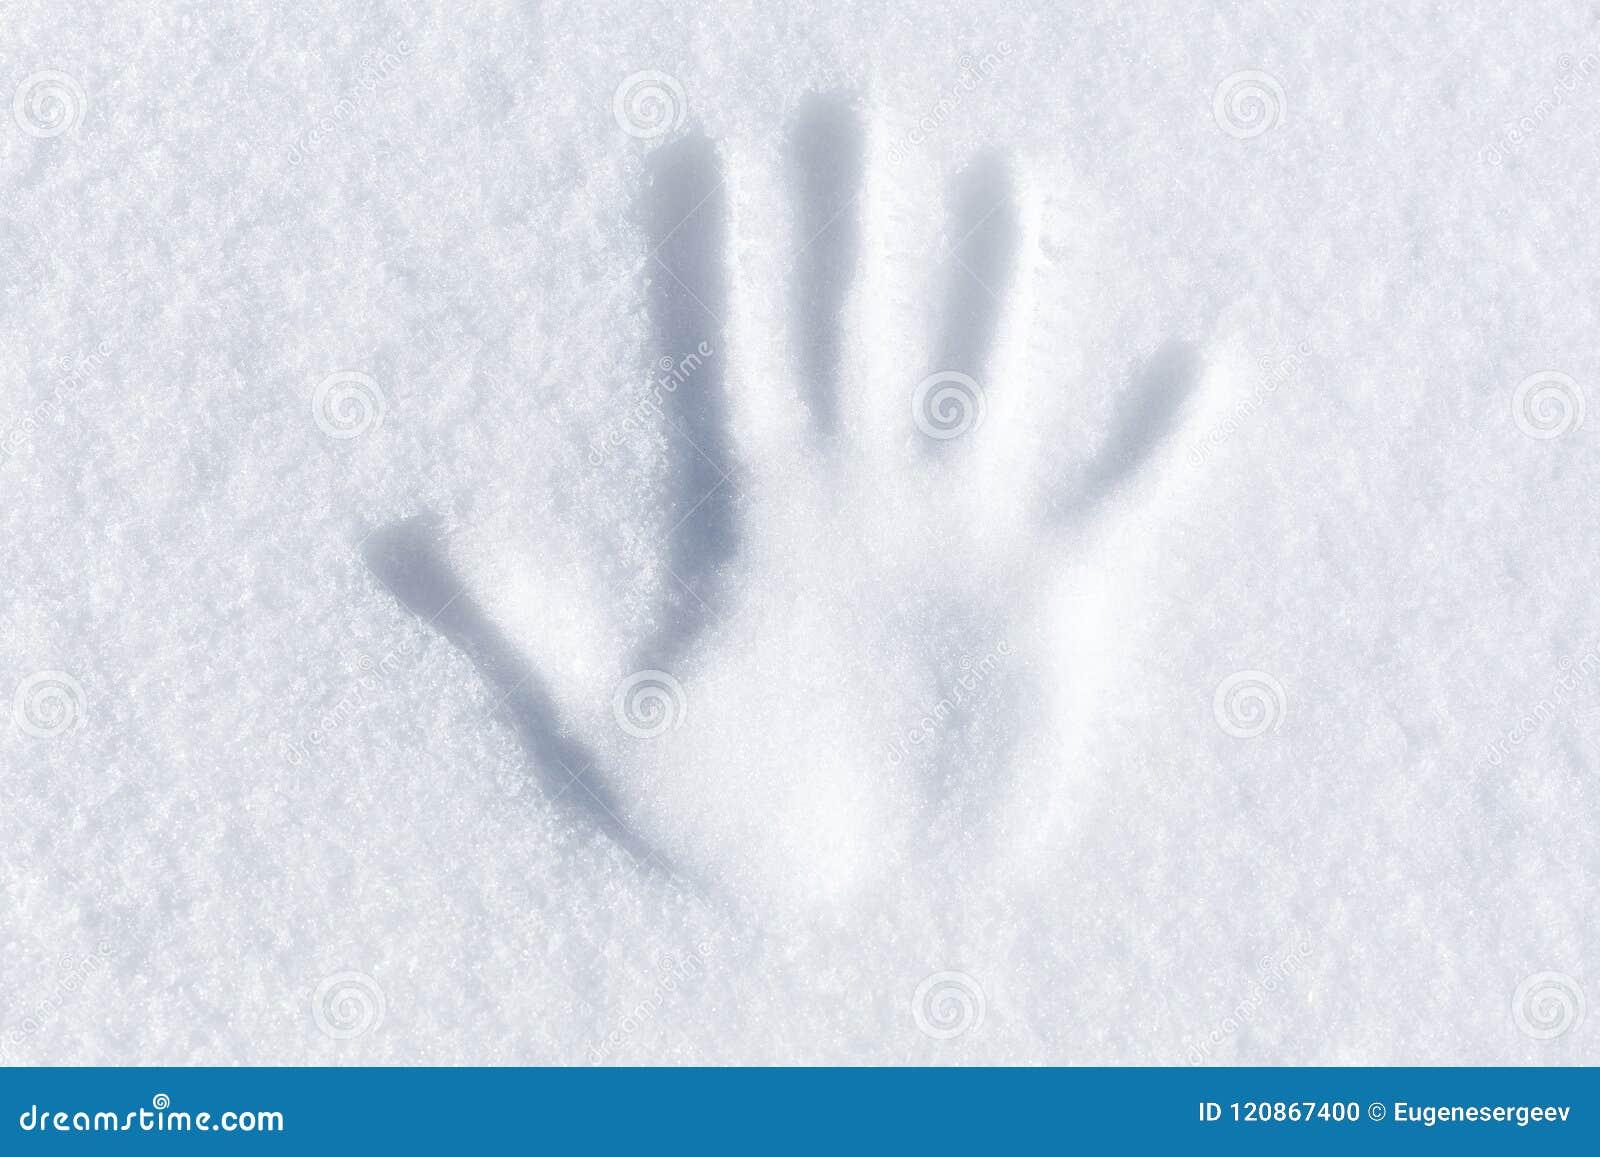 Cópia da palma na neve branca fresca